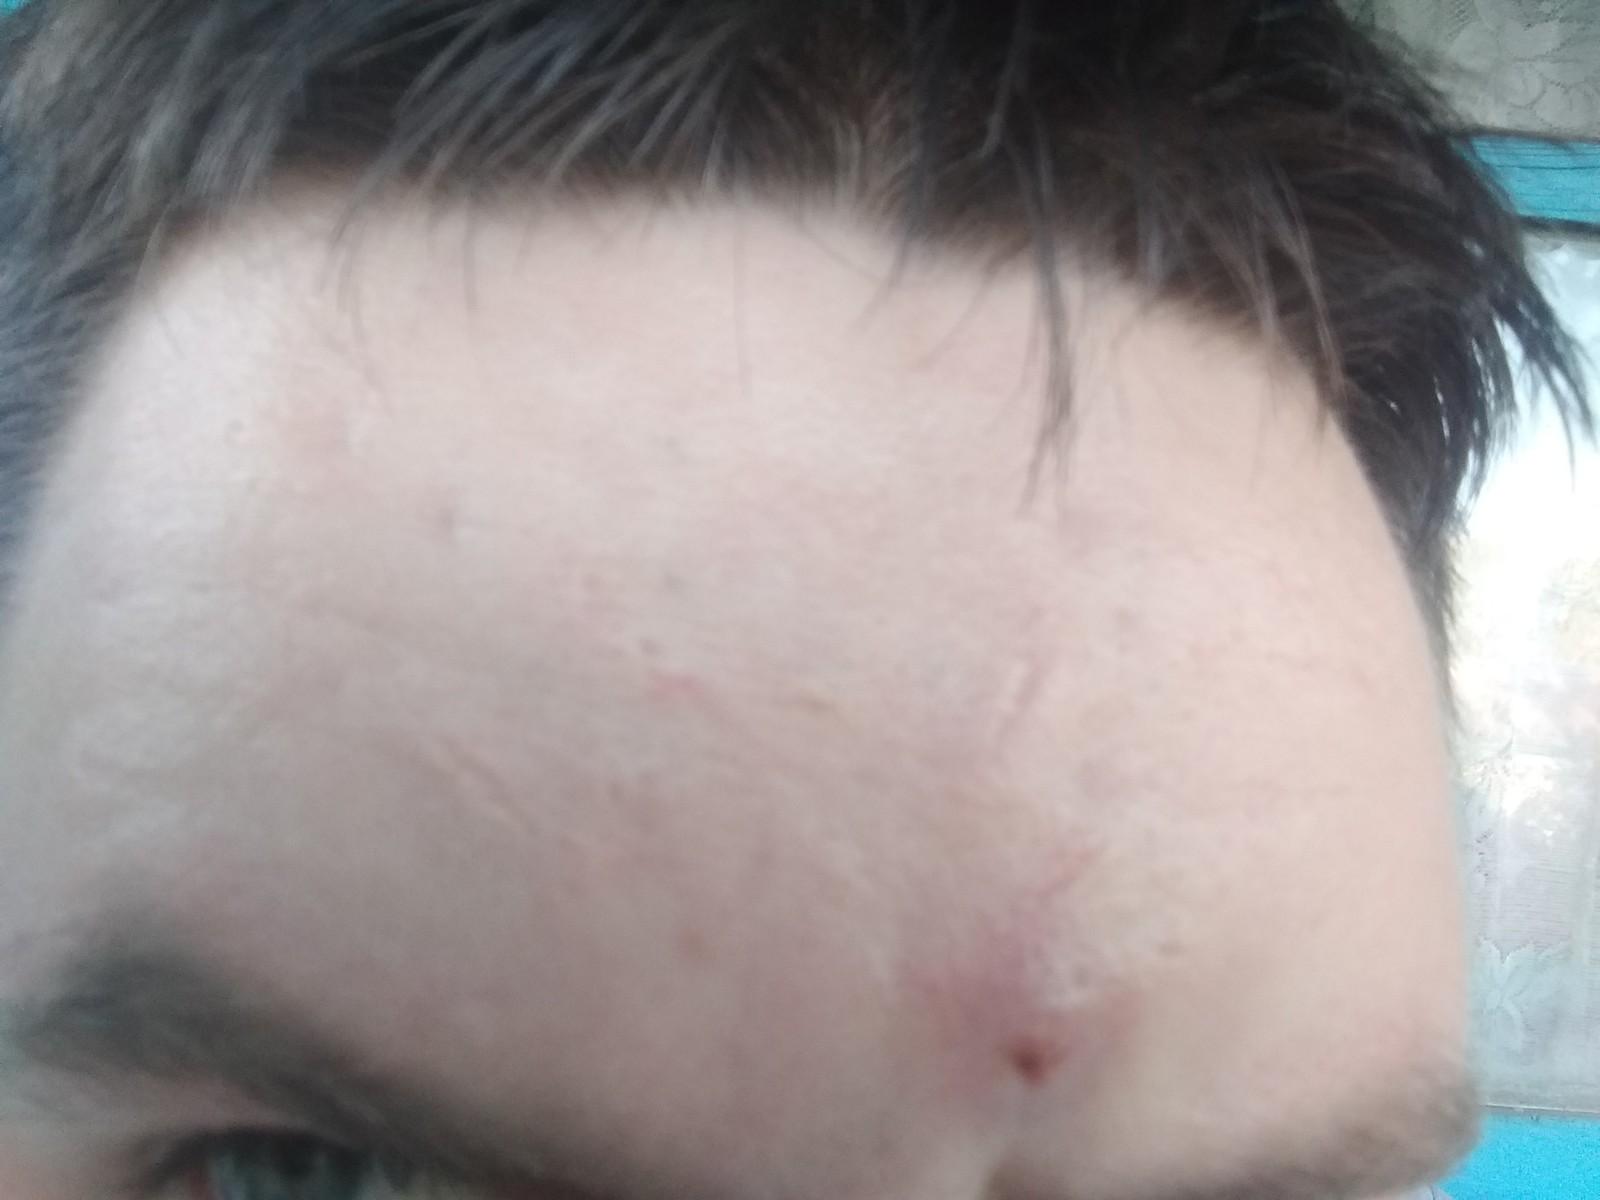 Белые точки на губах под кожей (жировики): фото снаружи и внутри ... | 1200x1600